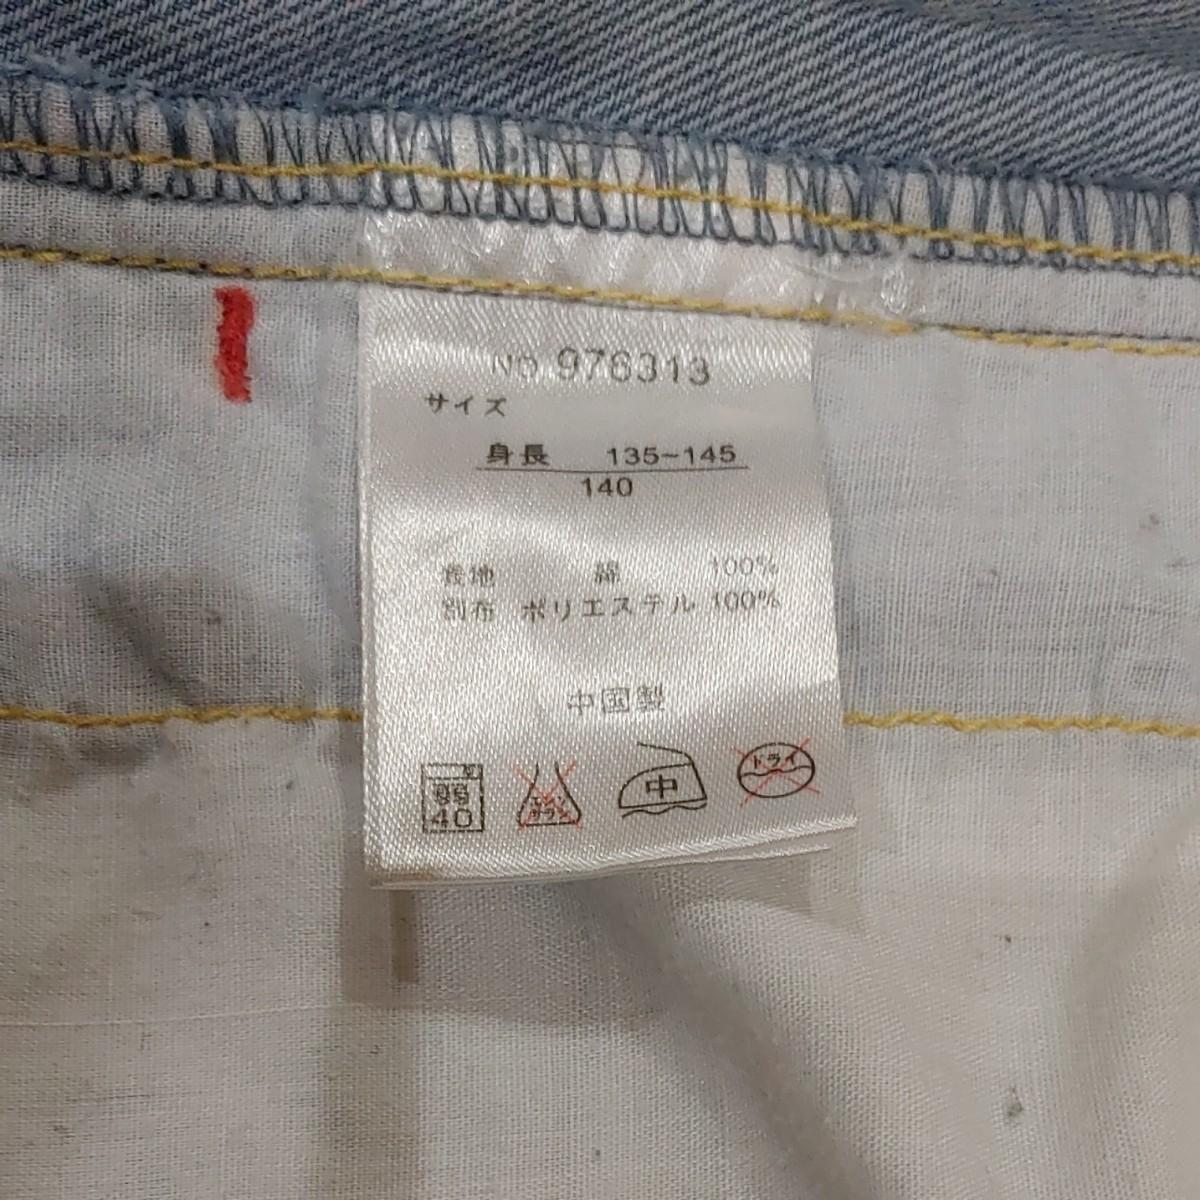 デニムシャツワンピース 140  長袖 薄手 羽織り